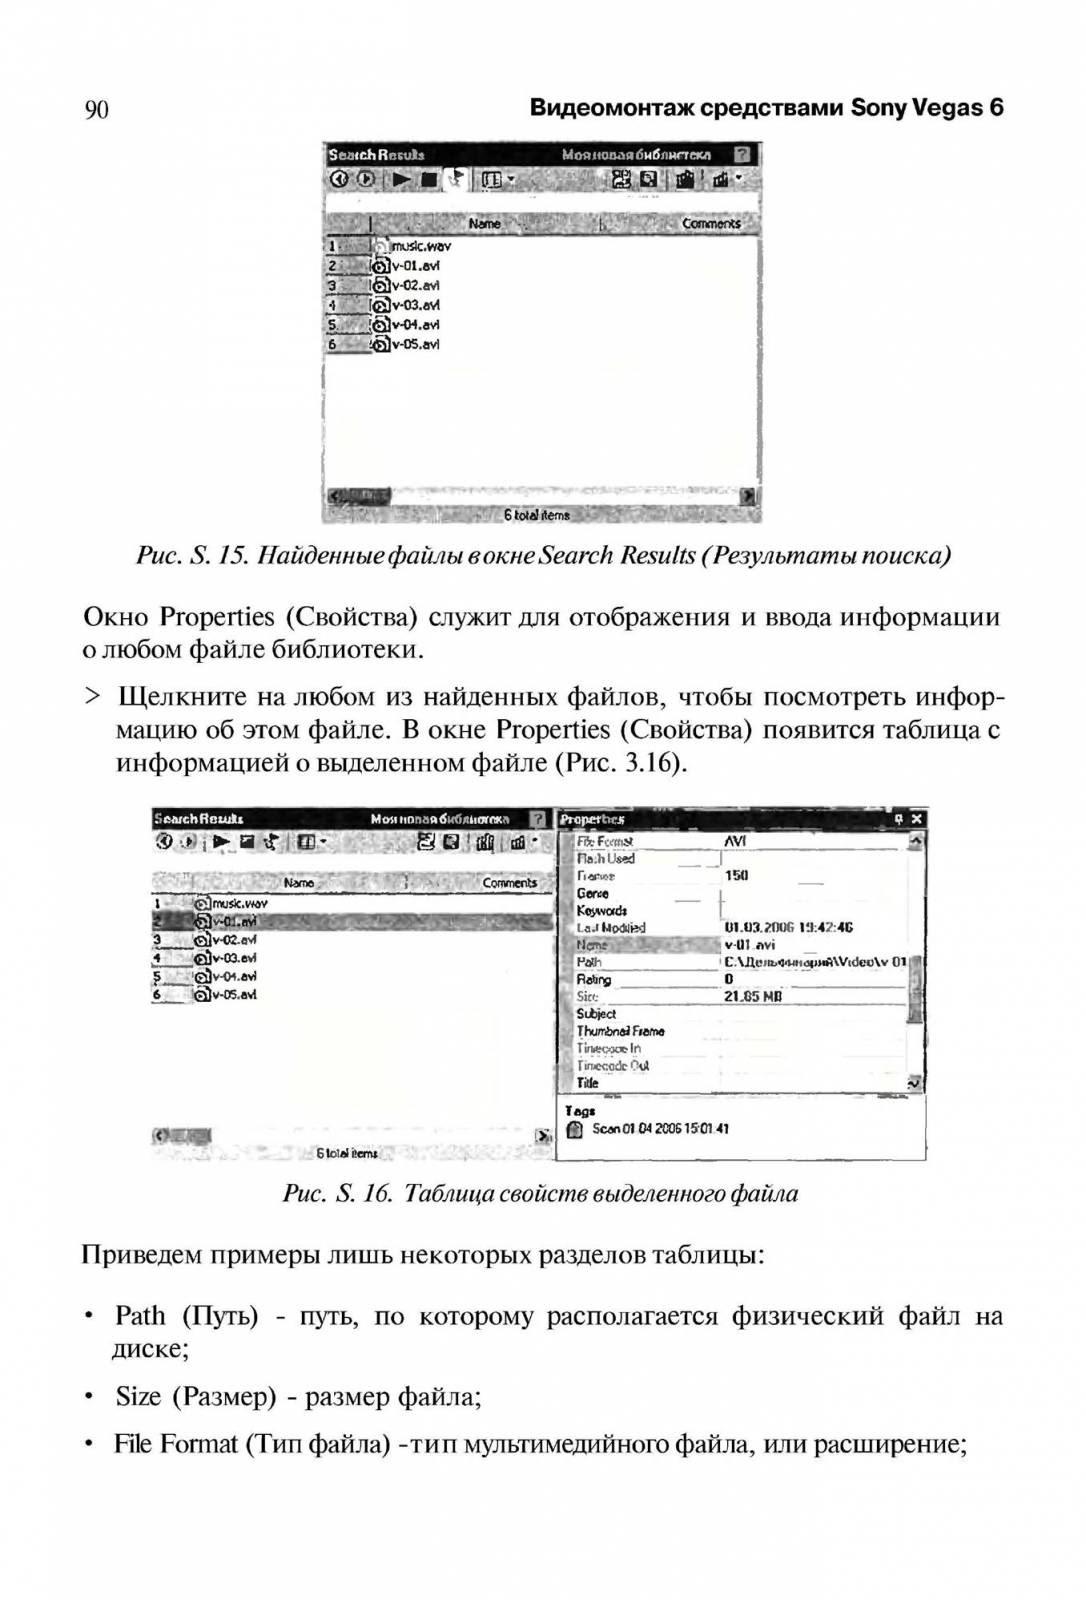 http://redaktori-uroki.3dn.ru/_ph/13/716145560.jpg